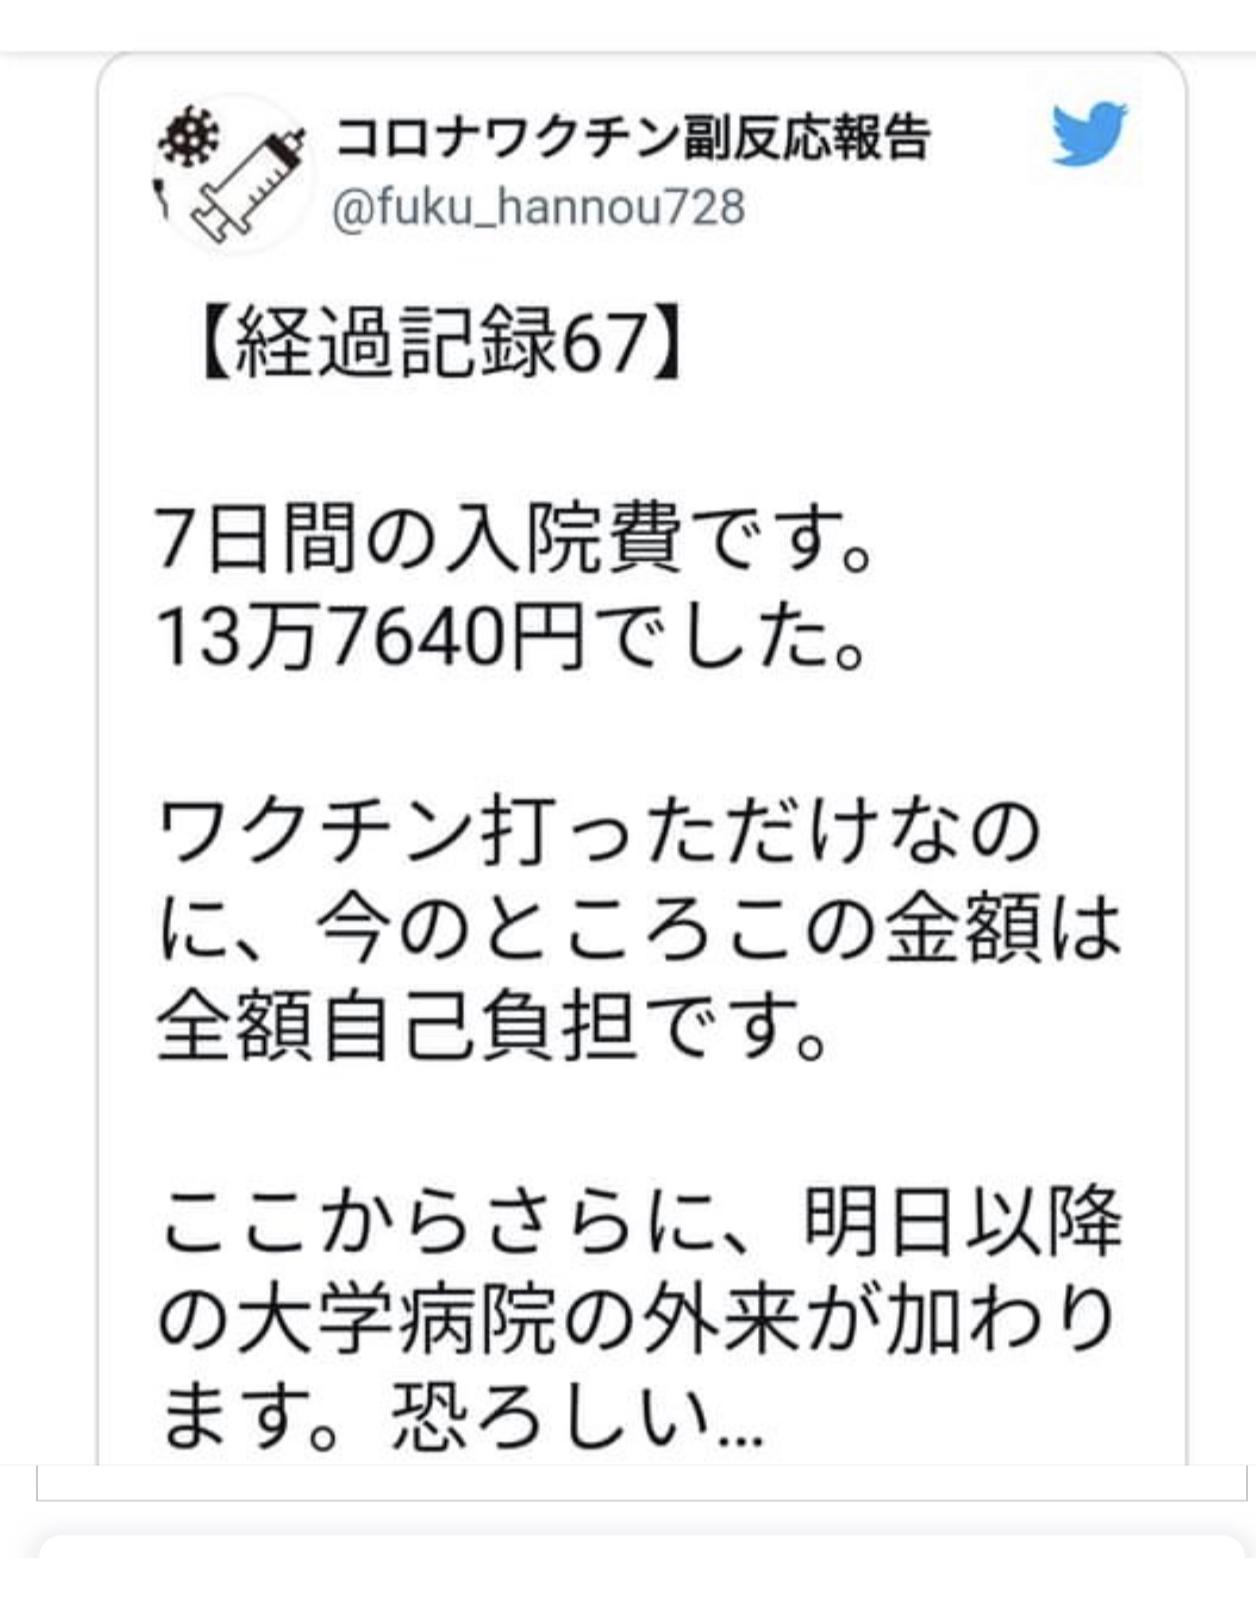 B8C61B4C-43F1-41F8-B0E1-80EBF450A292